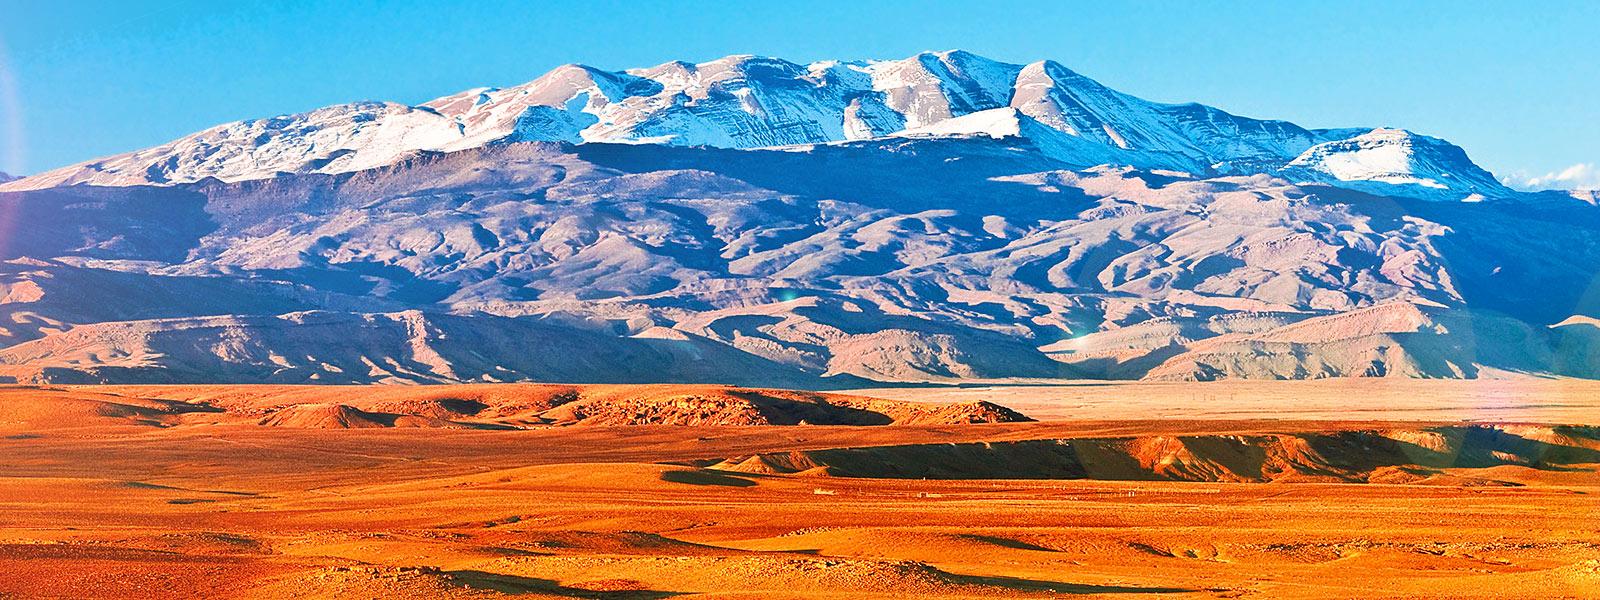 Vacanze in montagna africa organizza il viaggio con noi for Vacanze in montagna